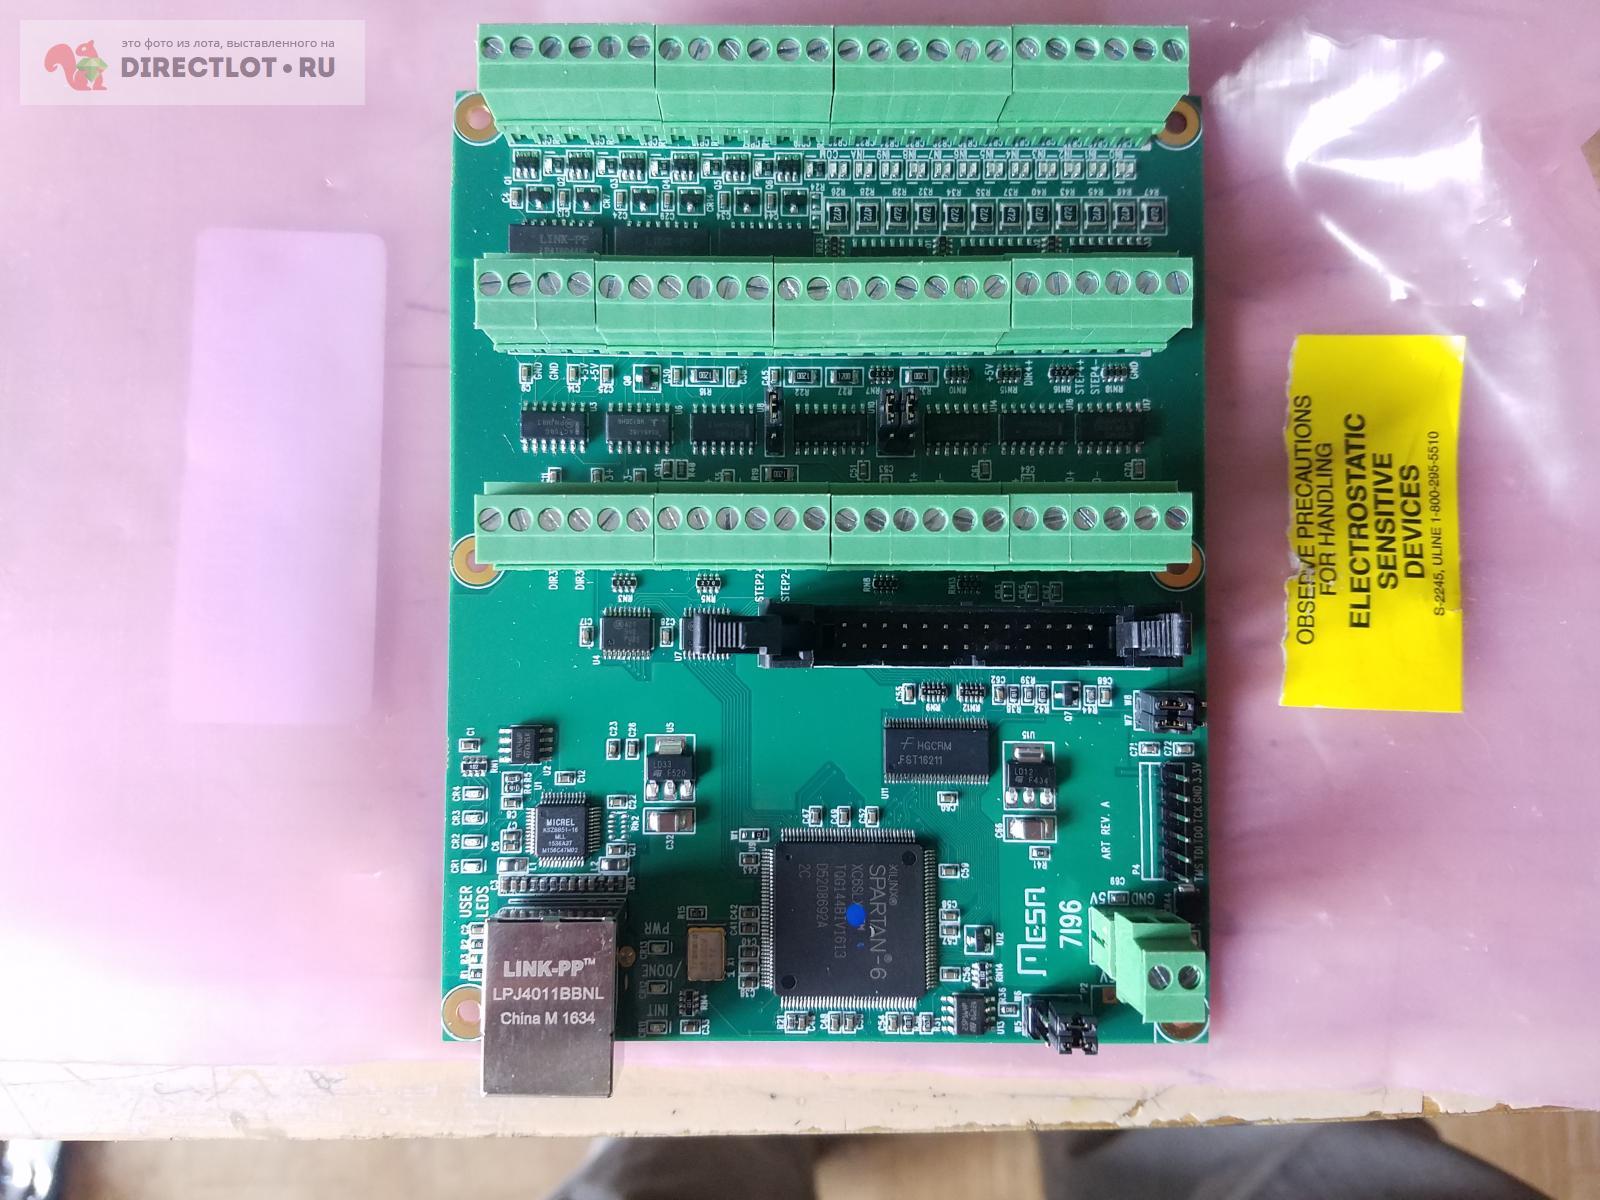 Товар: Плата коммутации MESA 7I96 Ethernet Linuxcnc на